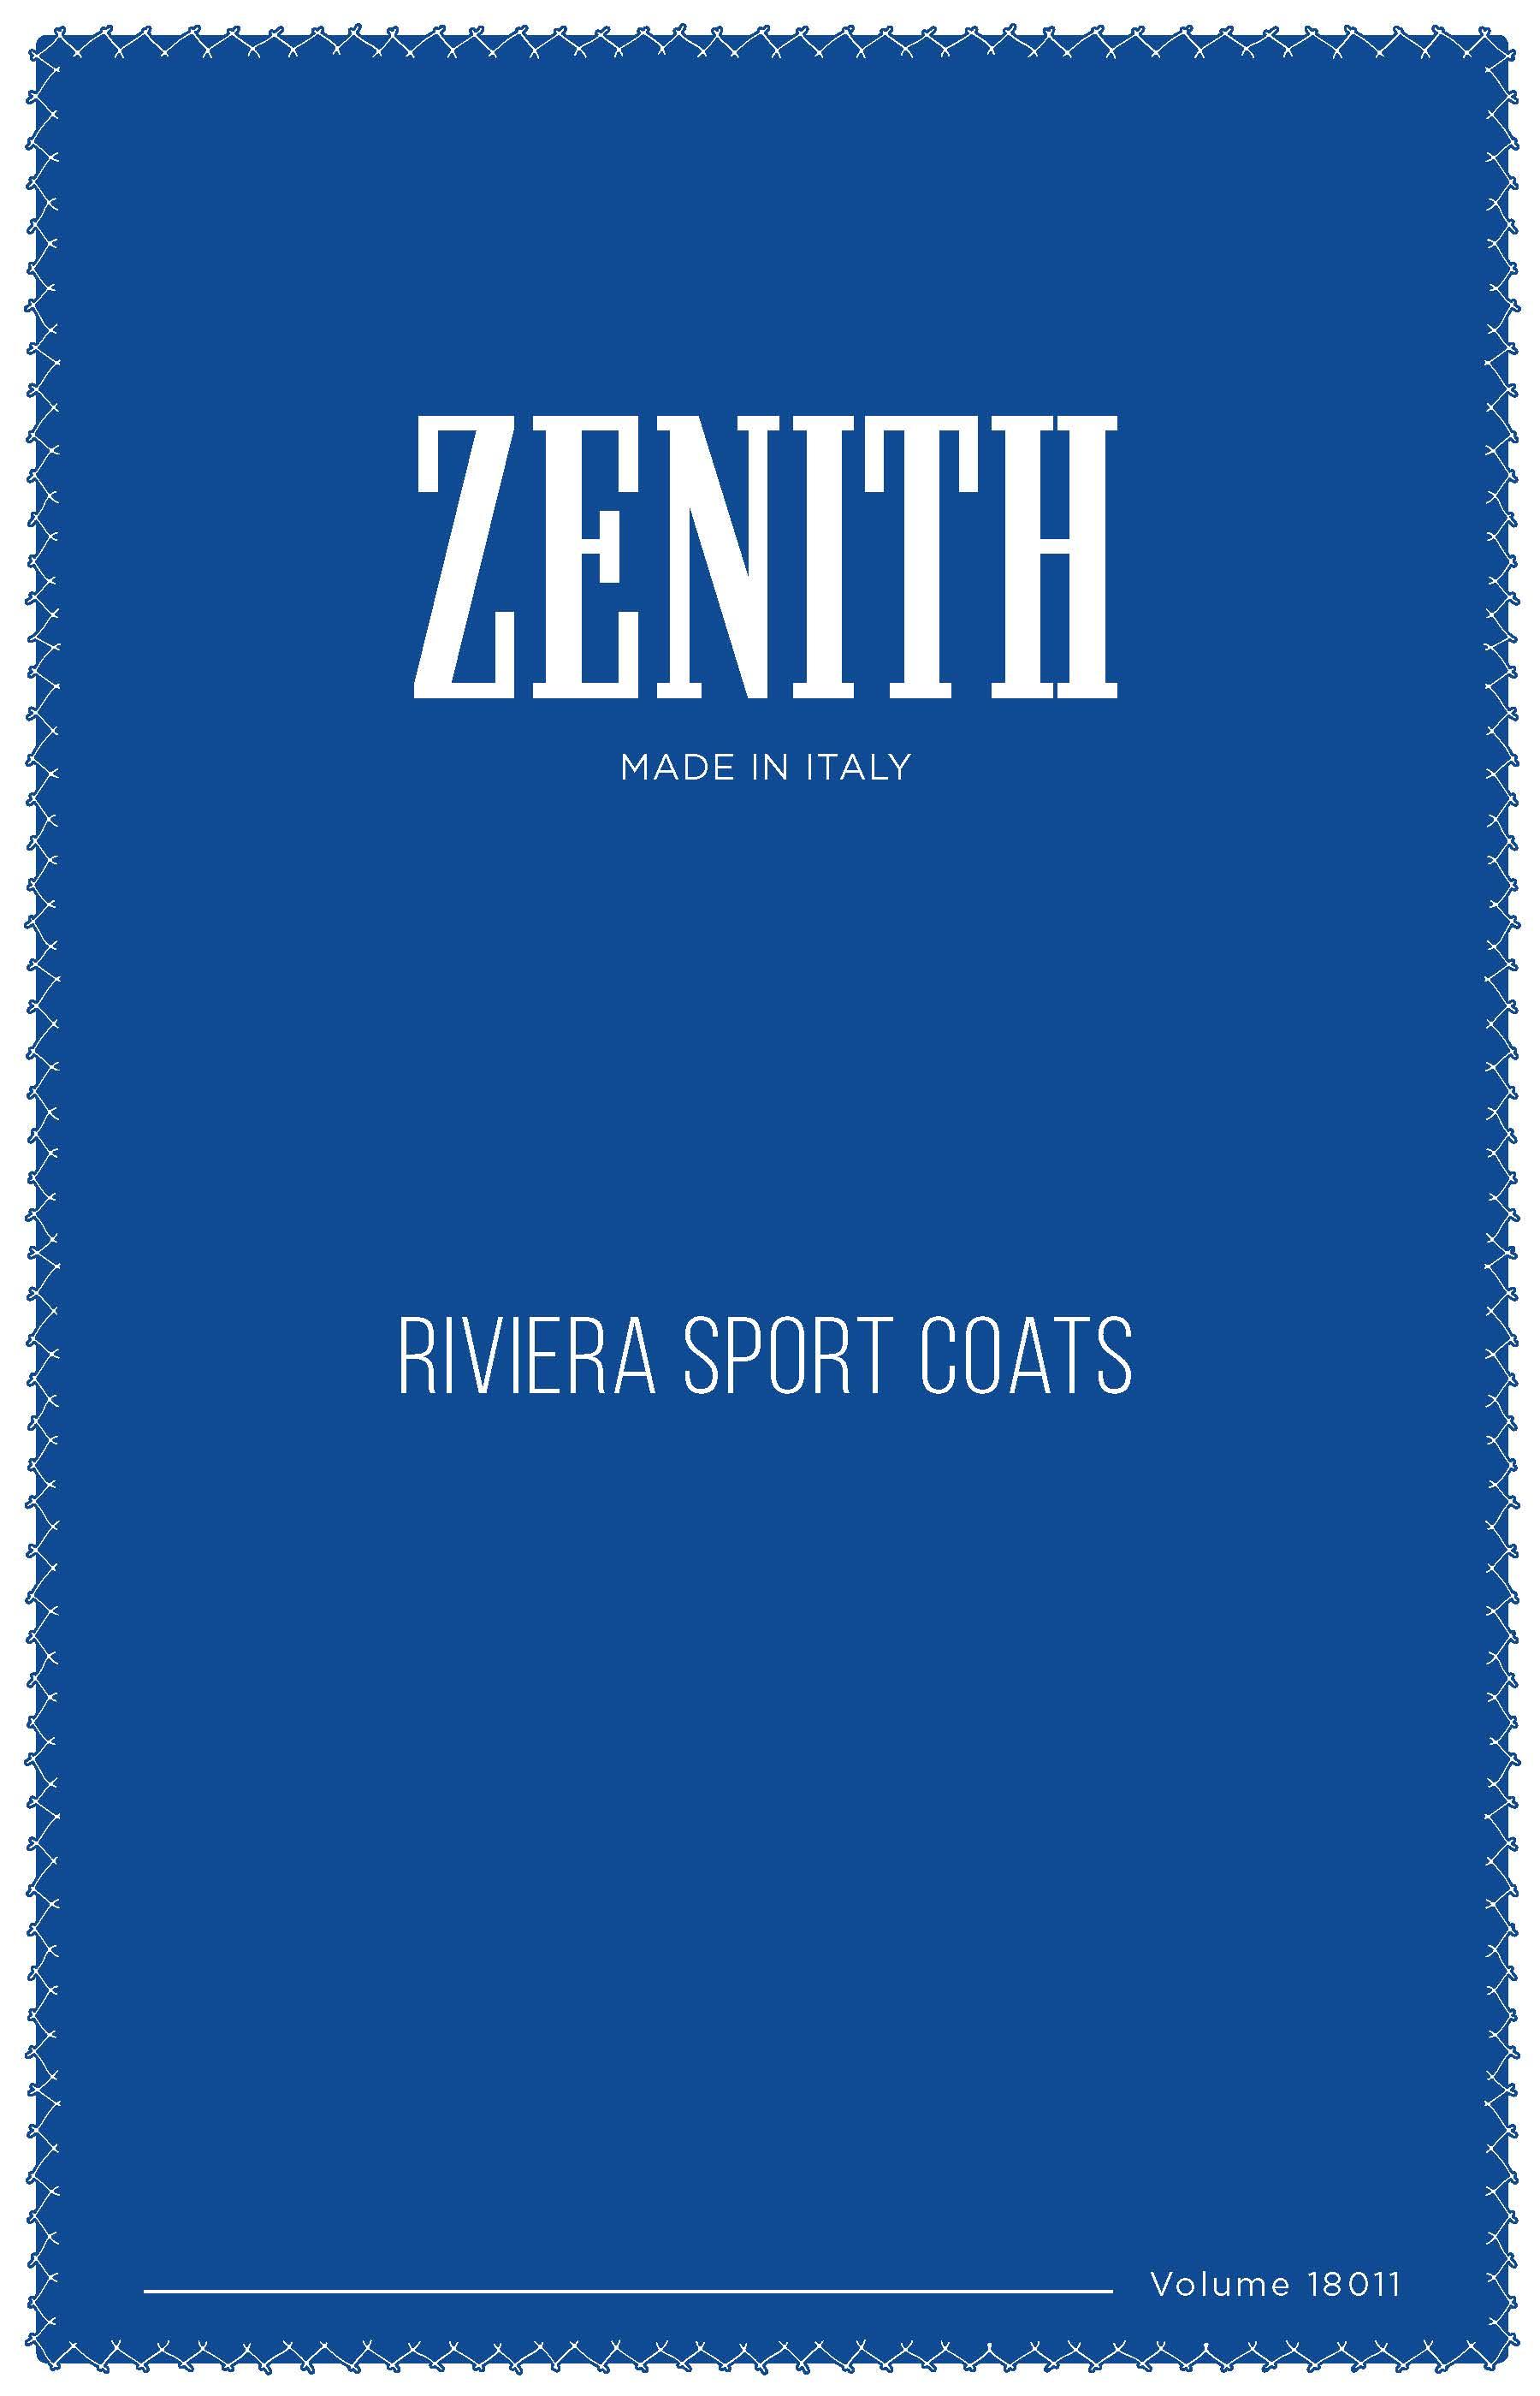 Zenith-Riviera_V18011_2_DIGITAL.jpg